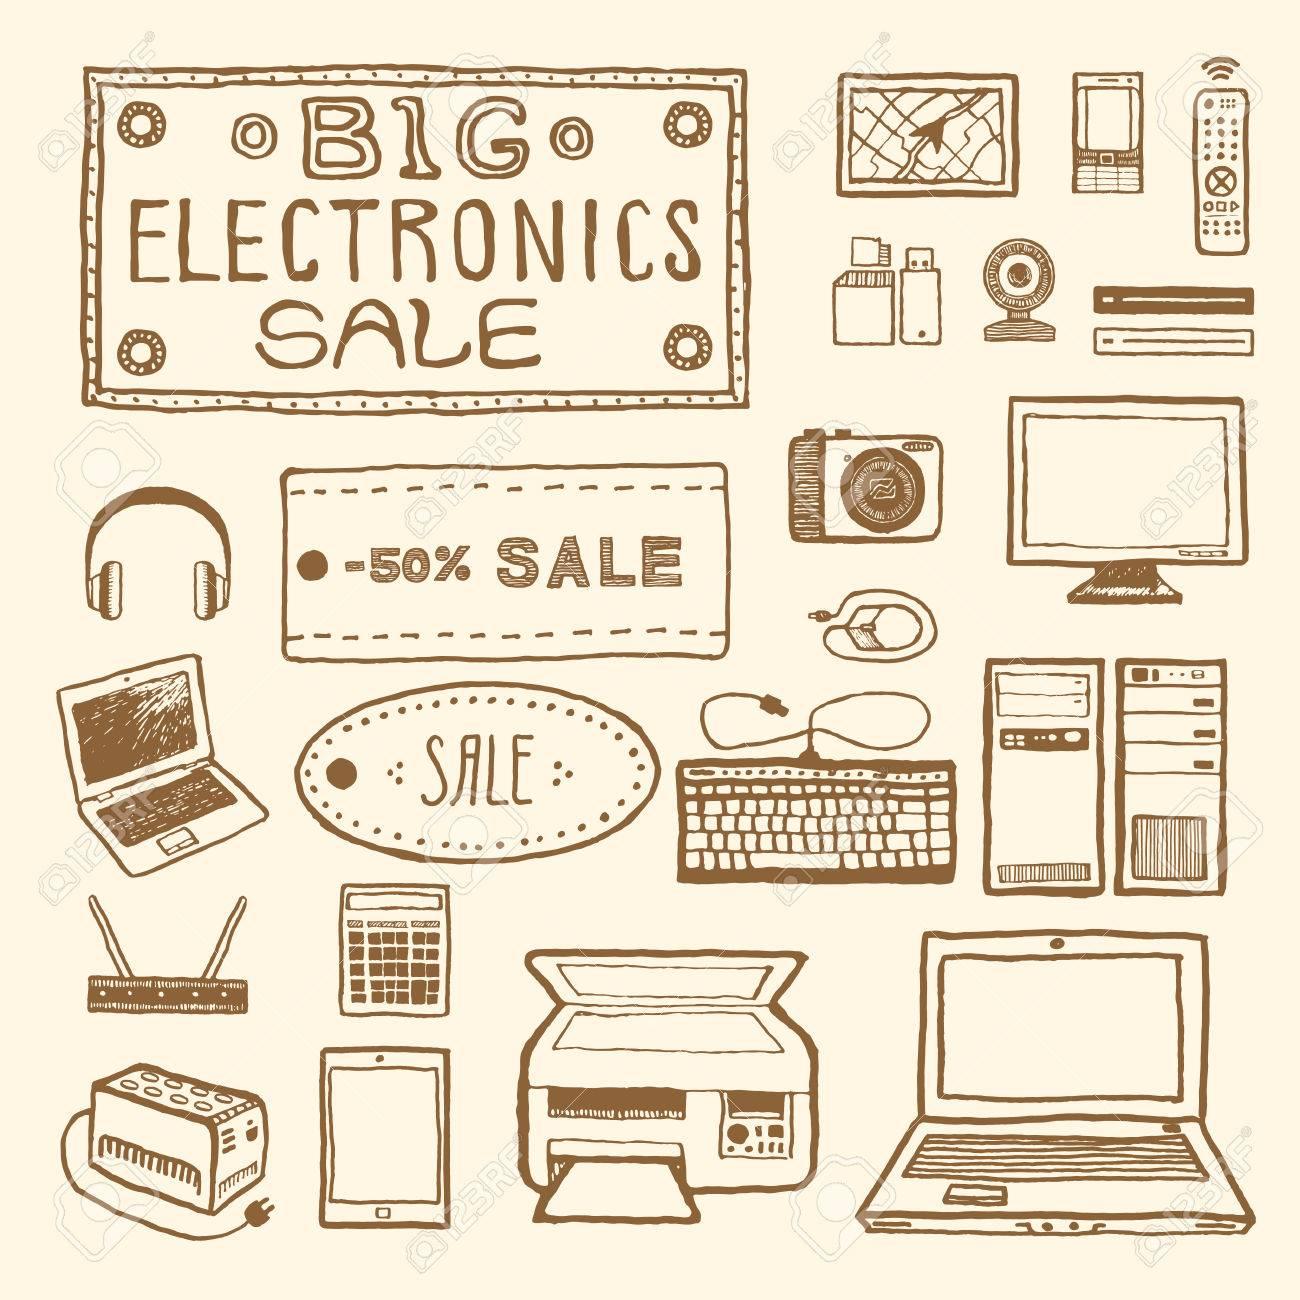 Big électronique vente. Ensemble de dispositifs électroniques. Vintage style, plume et encre tirée par la main. Vector clip art pour le scrapbooking